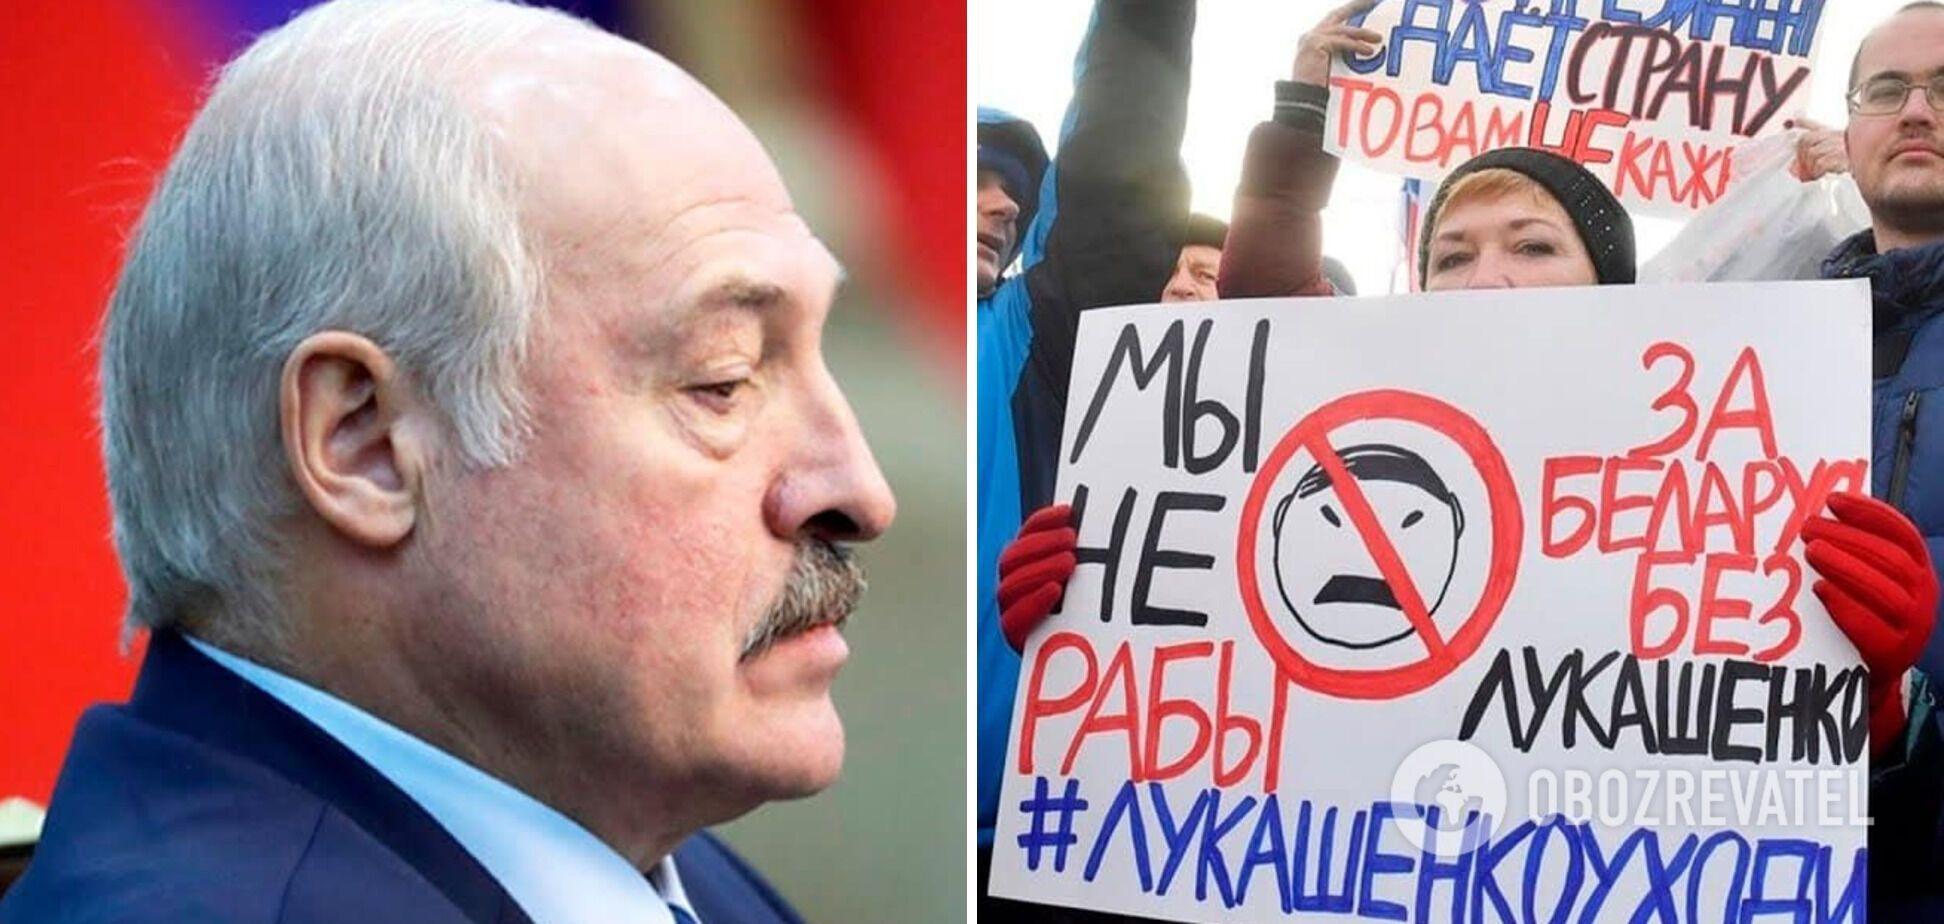 Лукашенко обмежив свободу медіа та масових заходів у Білорусі